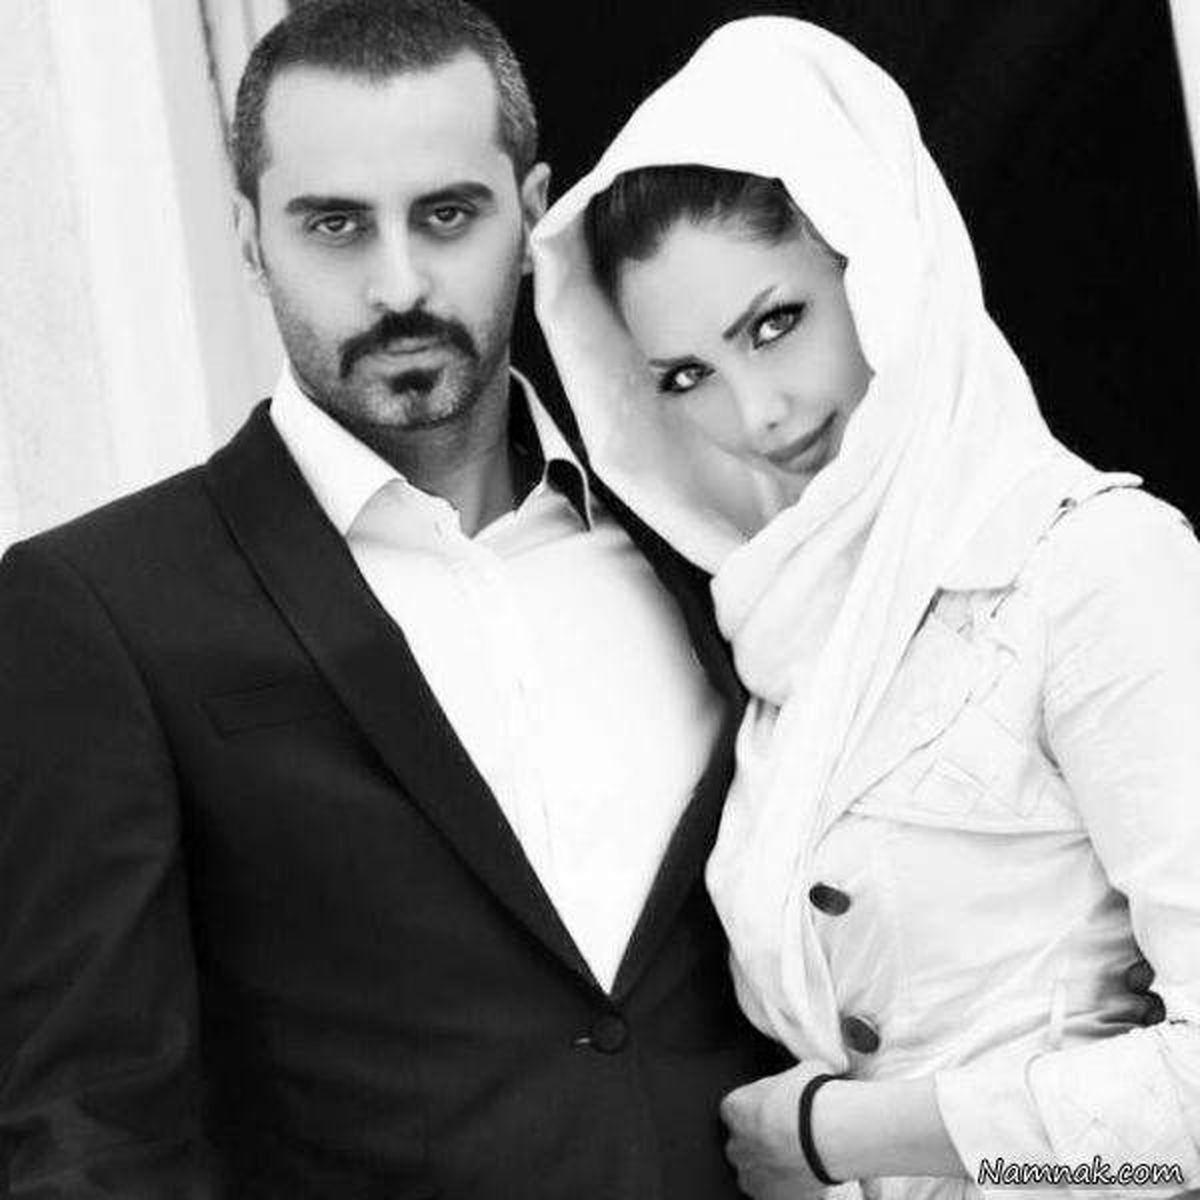 همسر مدلینگ علیرام نورایی   تصاویر علیرام نورایی و همسرش